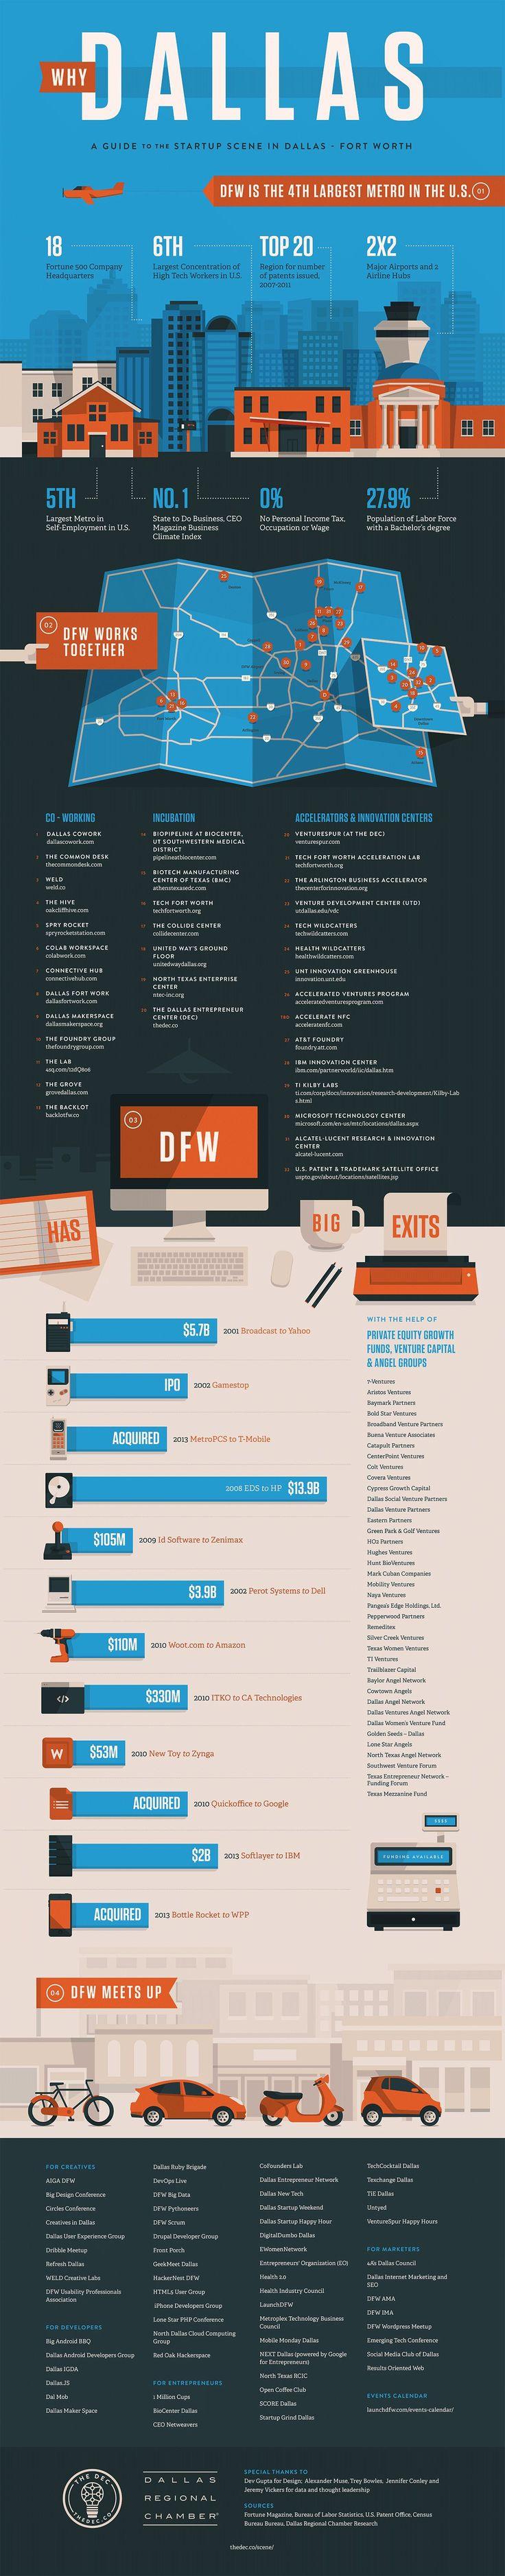 Why Dallas: A Guide to the Startup Scene in Dallas Fort Worth - The Dallas Entrepreneur Center